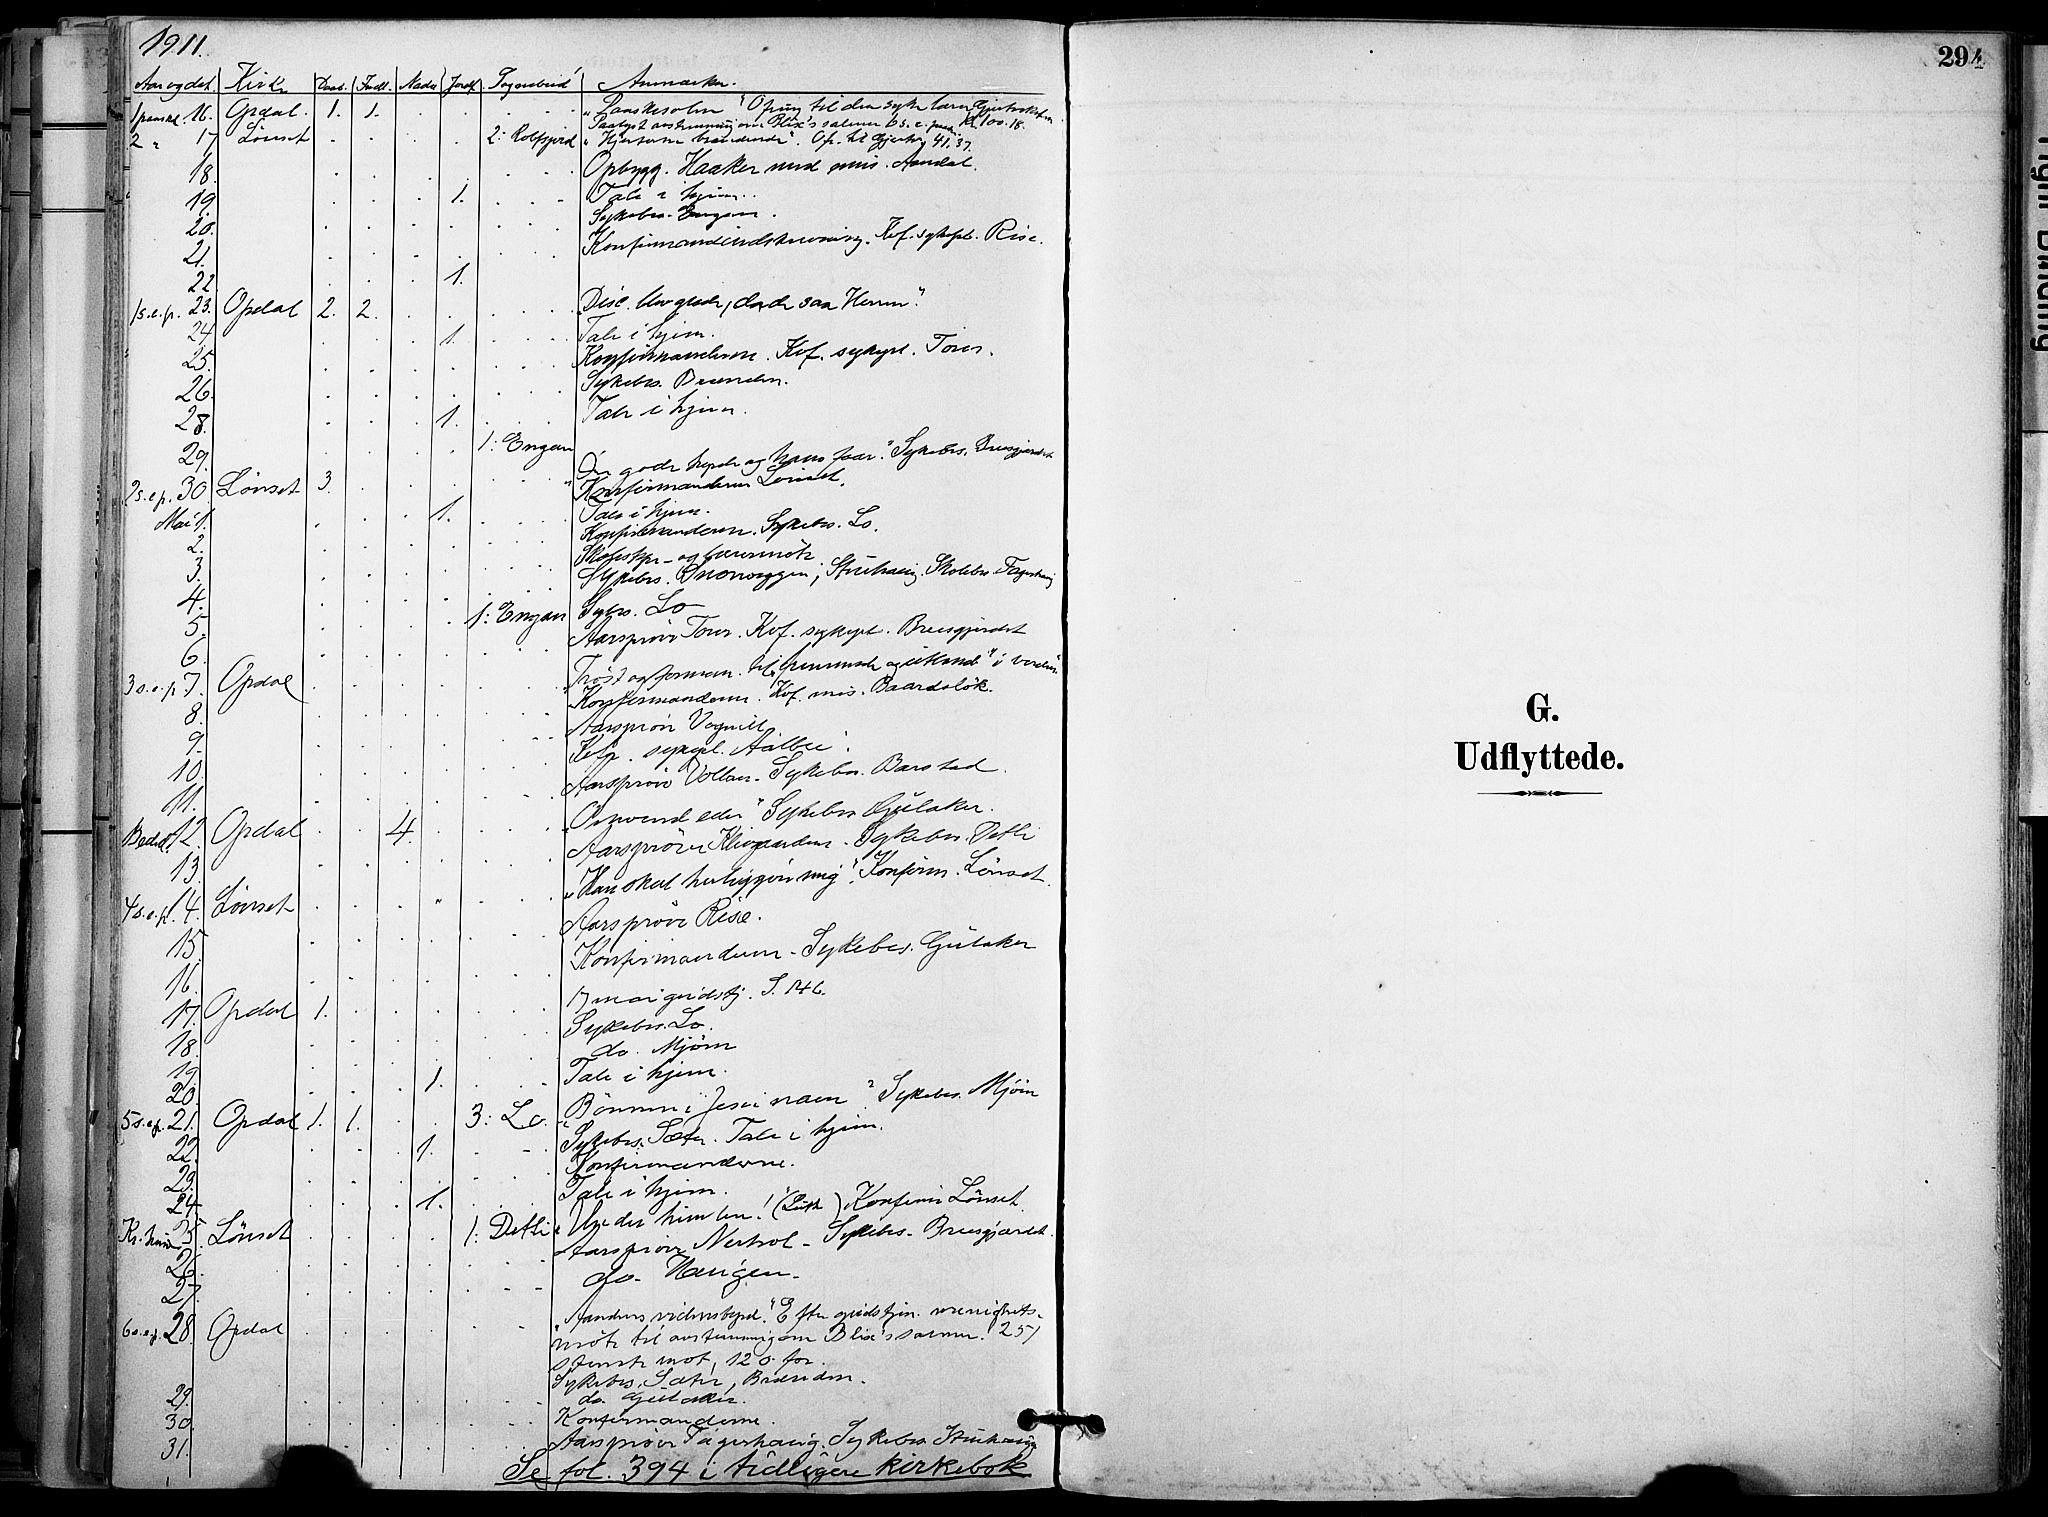 SAT, Ministerialprotokoller, klokkerbøker og fødselsregistre - Sør-Trøndelag, 678/L0902: Ministerialbok nr. 678A11, 1895-1911, s. 294